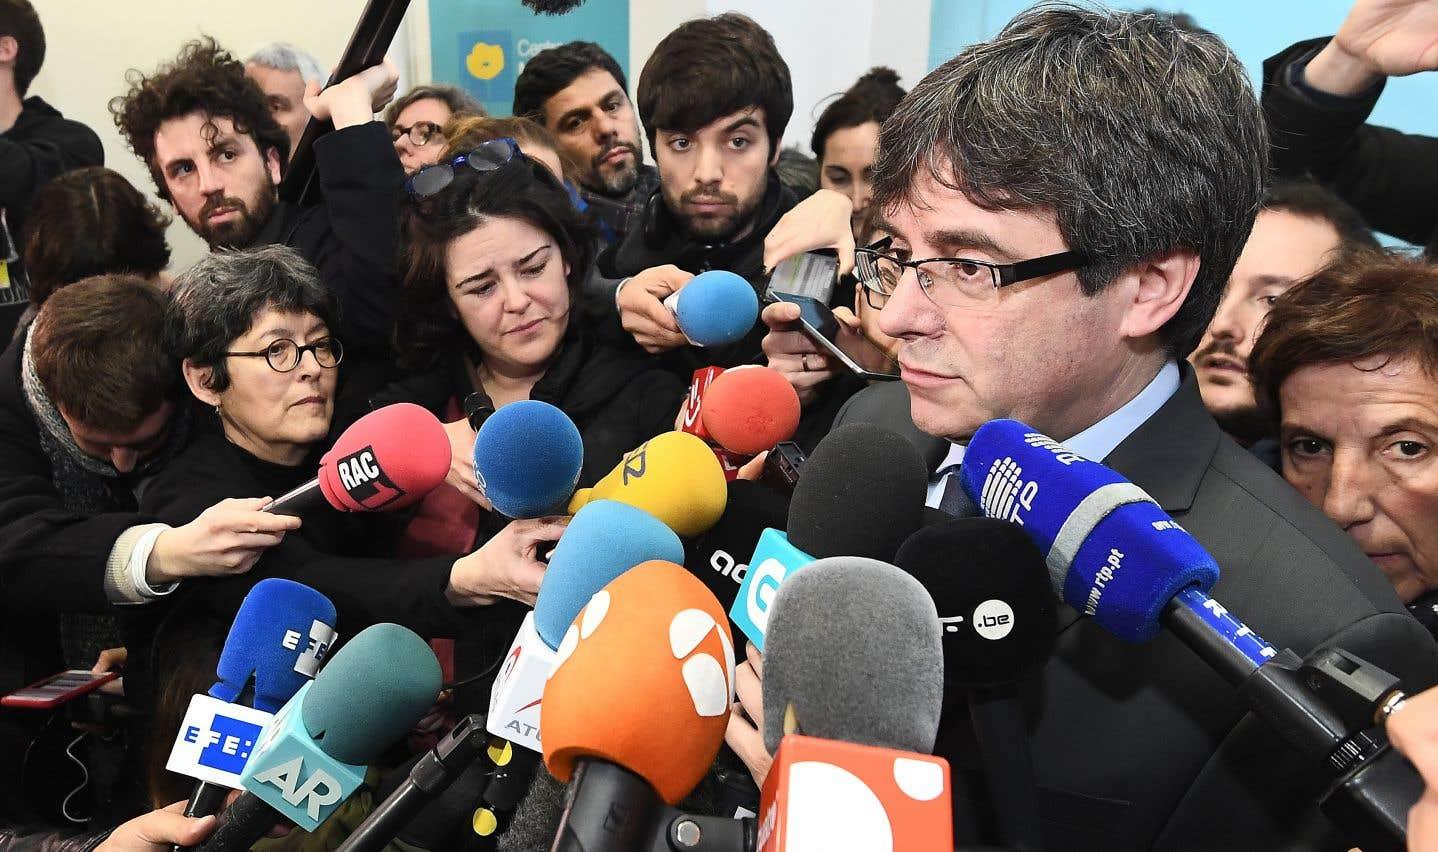 Le président catalan déchu, Carles Puigdemont, répond aux questions des journalistes lors d'une mêlée de presse, à Bruxelles, le 24 janvier.